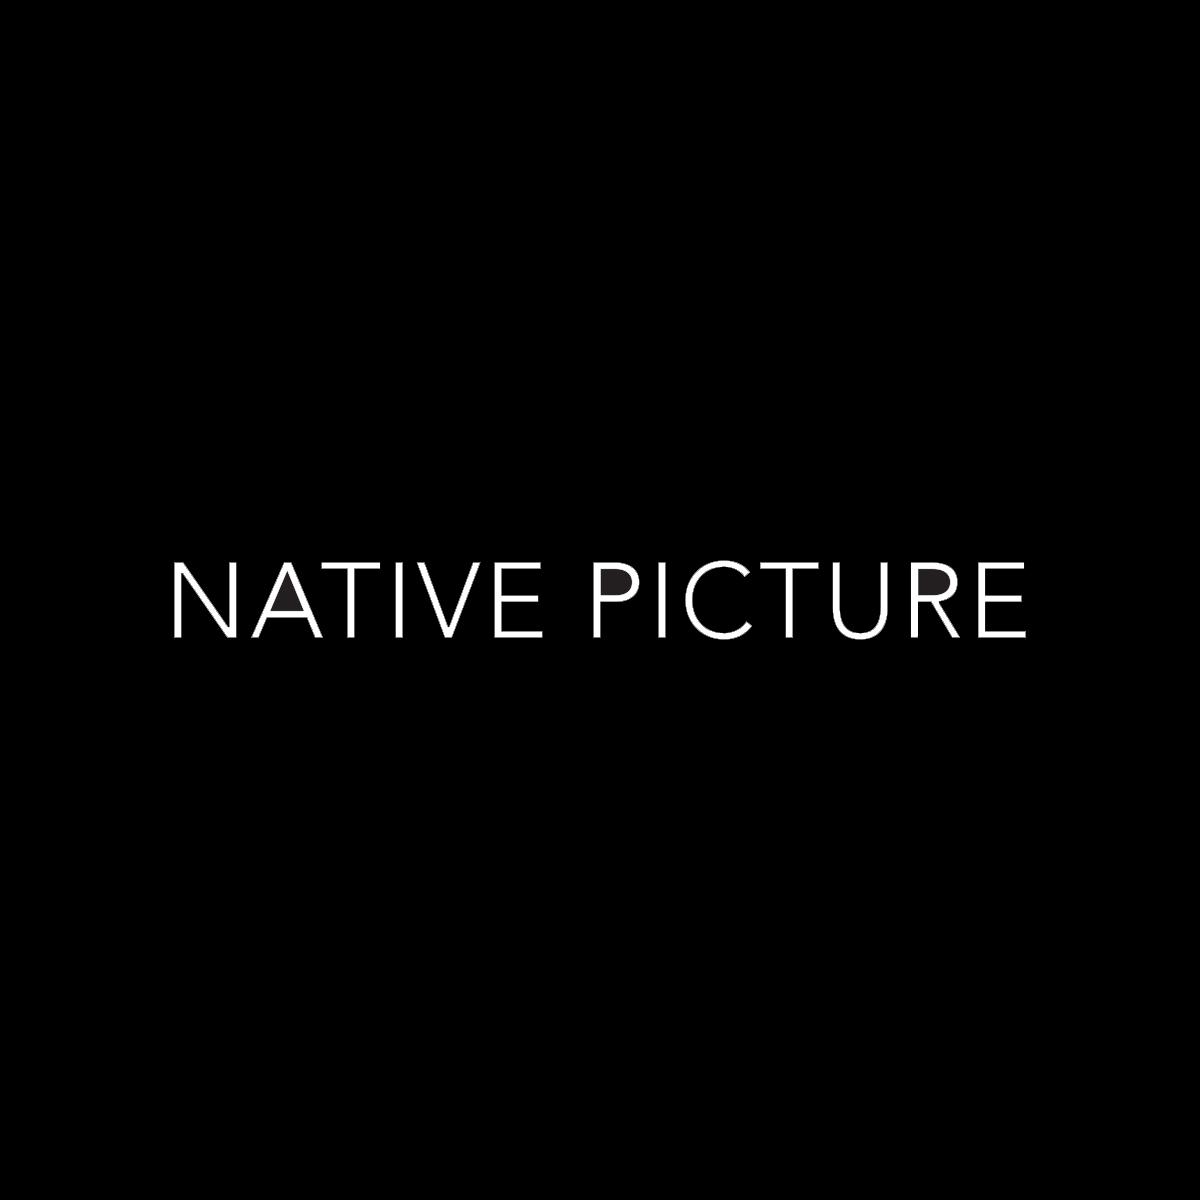 Native Picture Logo